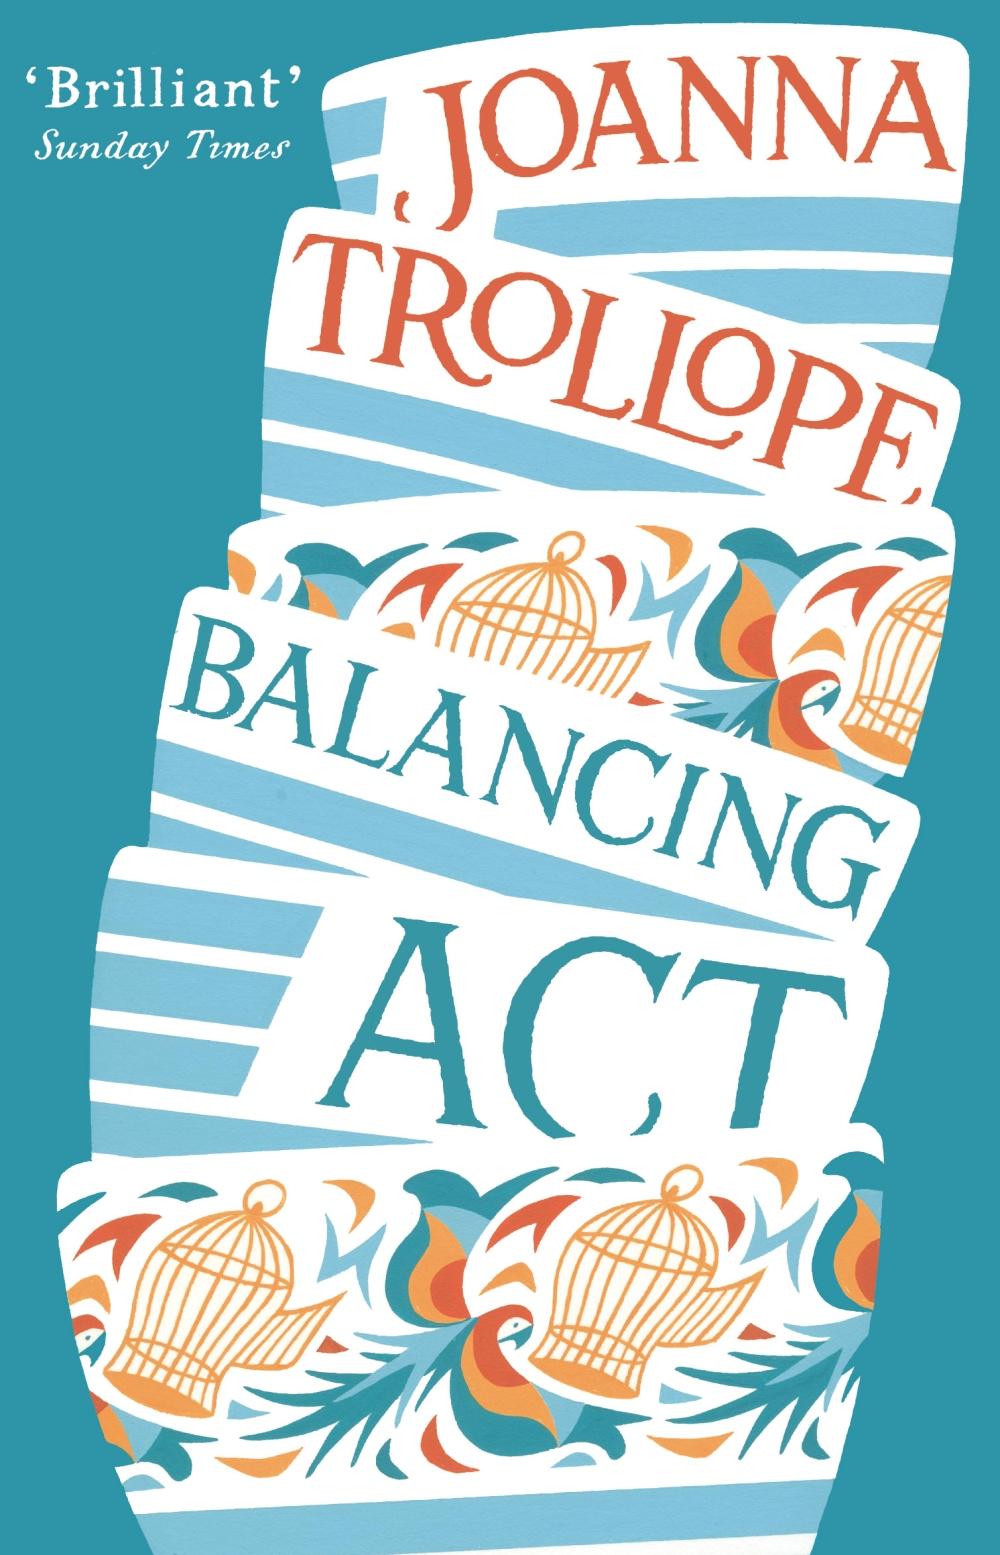 Balancing Act Joanna Trollope Cover